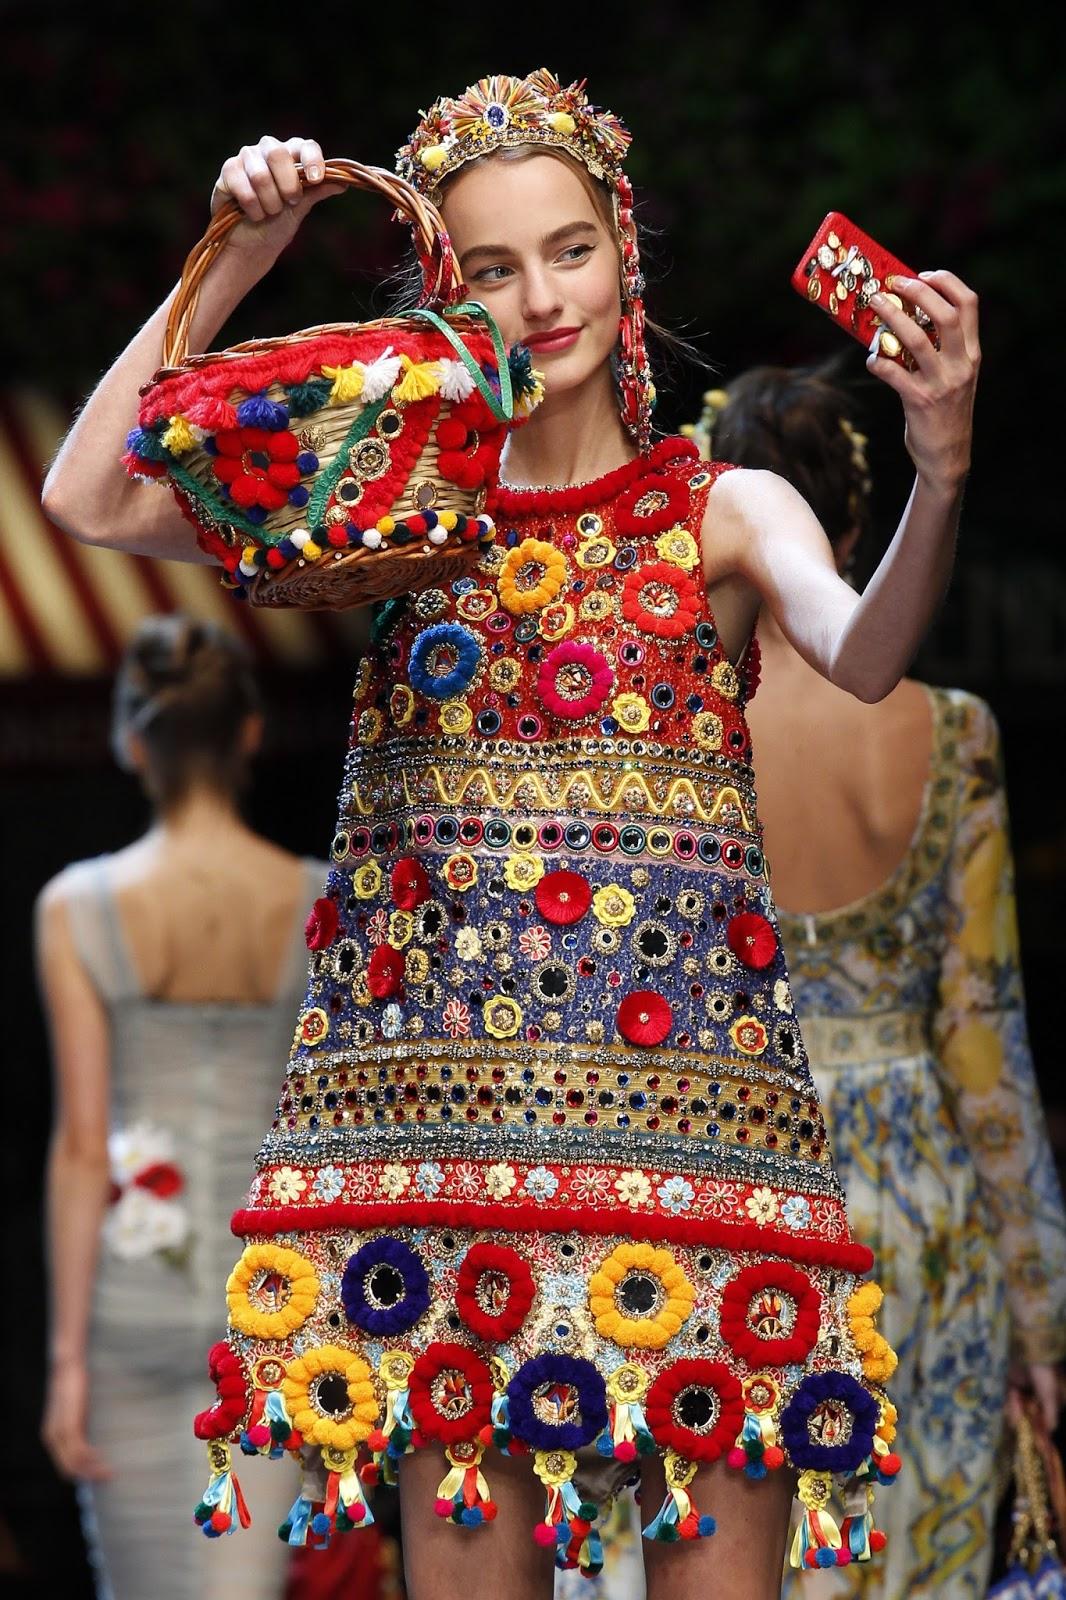 e80433efc ... e isso se deve a chuva de inspirações em Maria Antonieta e suas damas  trazendo de volta todo aquele excesso de bordados, pedrarias, todo luxo  possível.